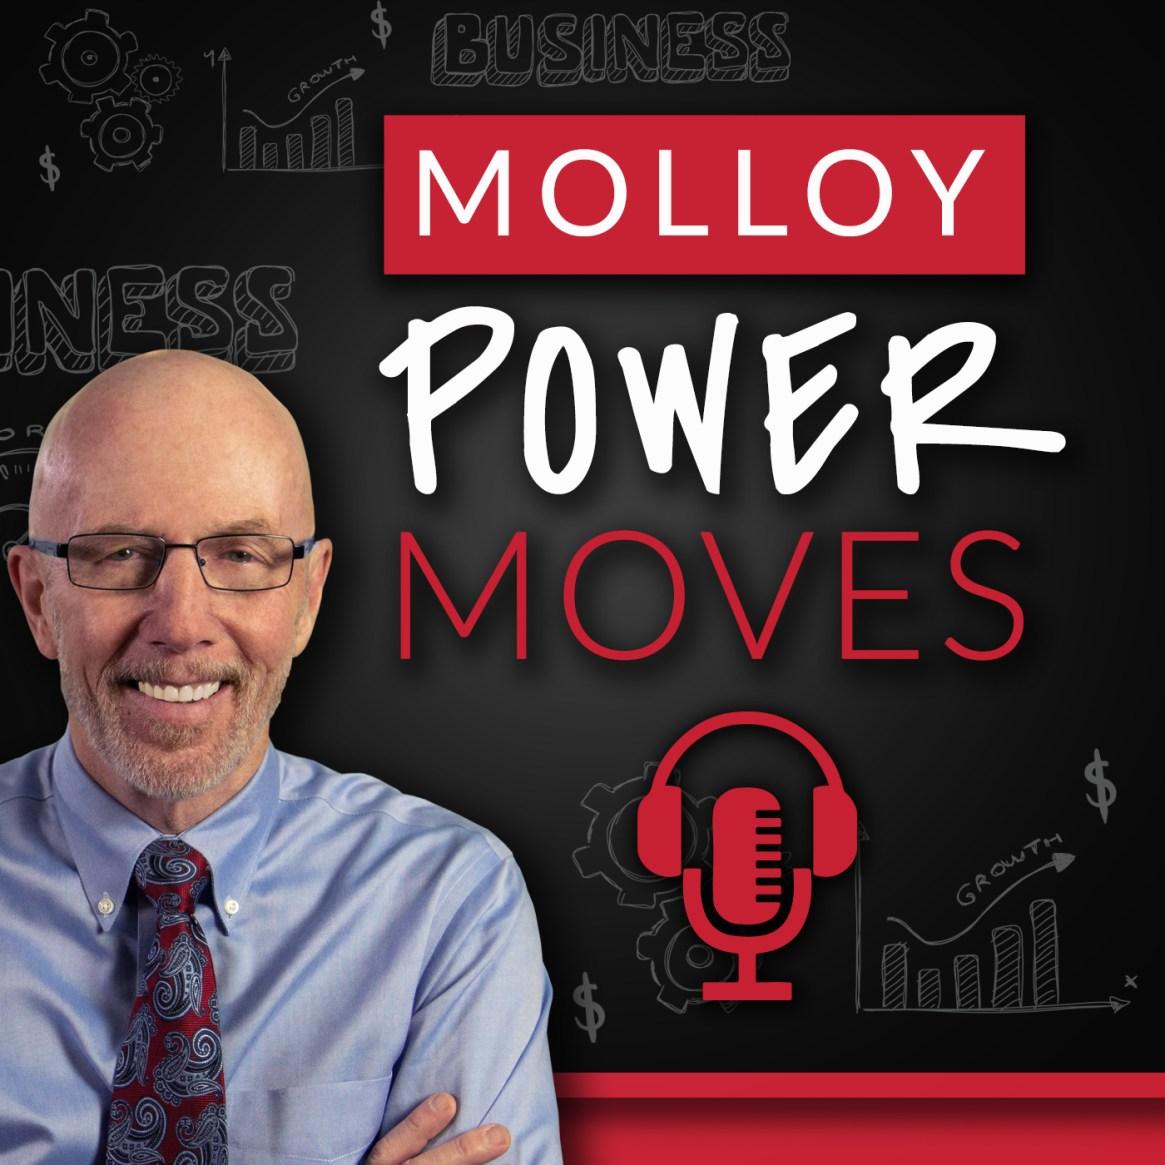 Dan Molloy Power Moves